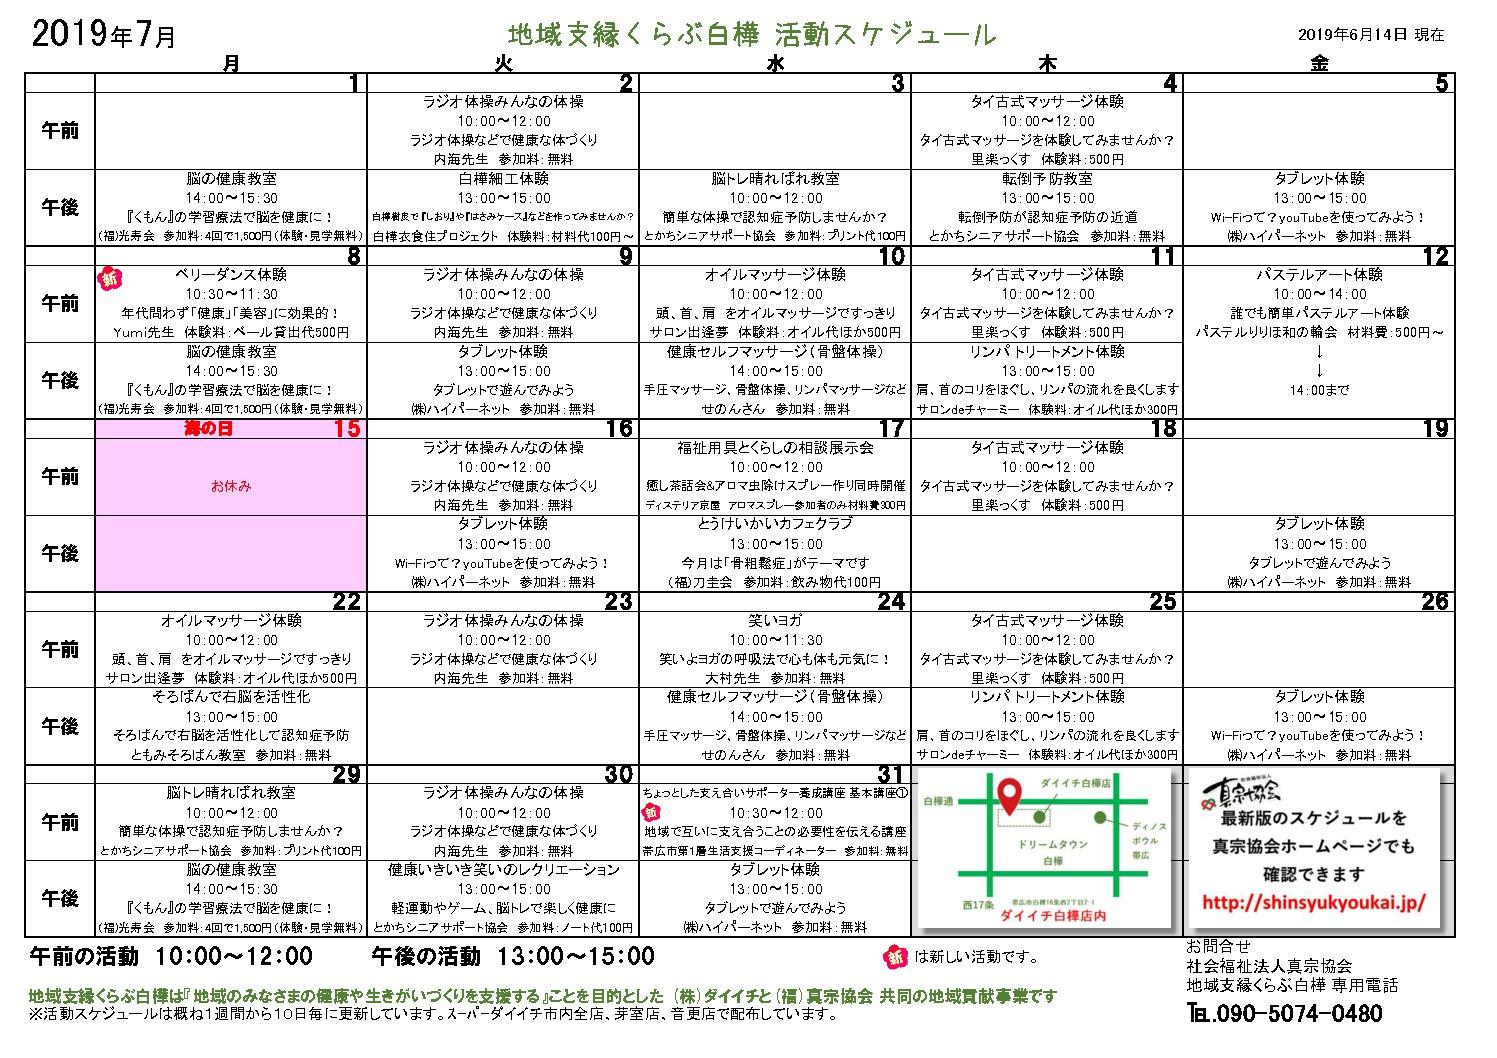 2019活動スケジュール7(2019.6.14付)のサムネイル